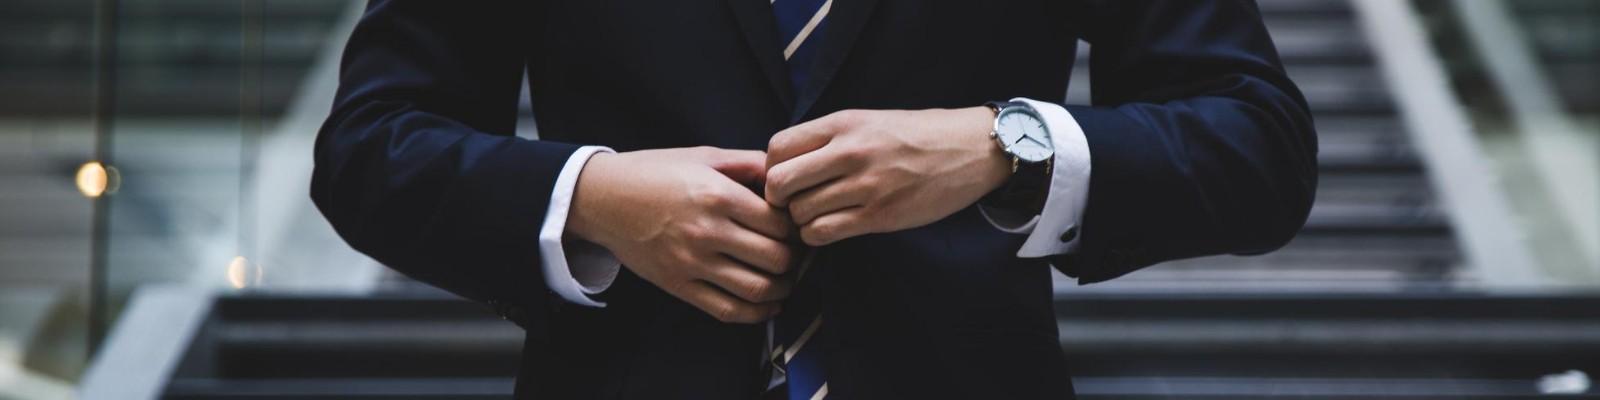 {:uk}Страхування майна юридичних осіб{:}{:ru}Страхование имущества юридических лиц{:}